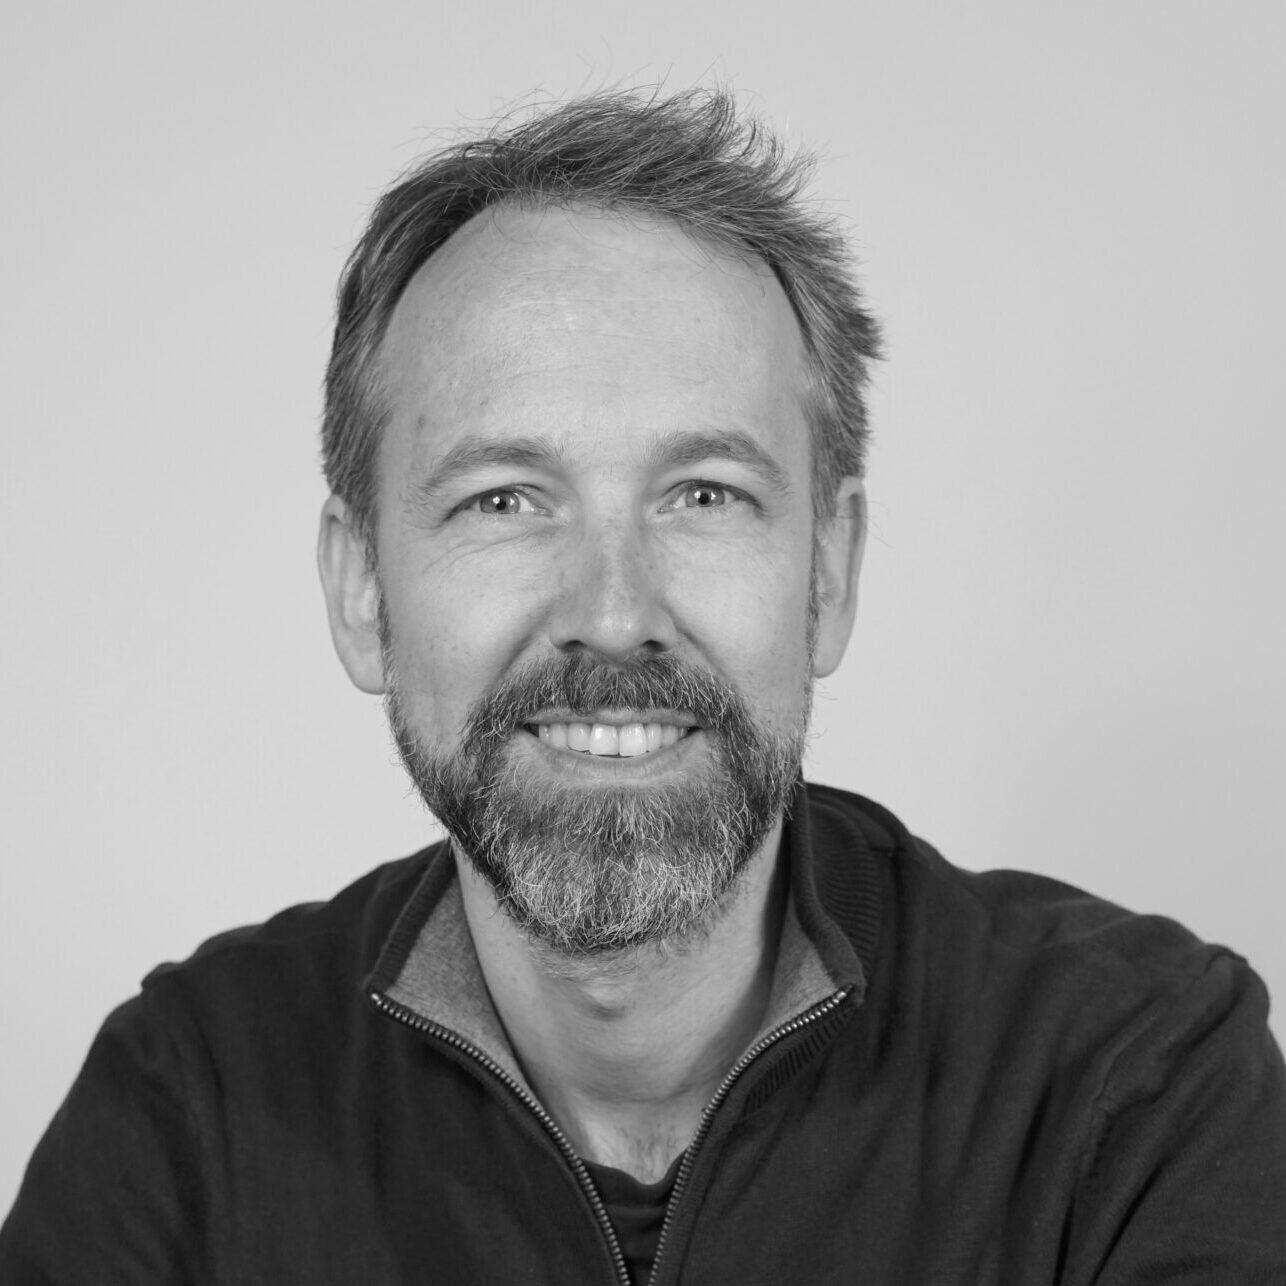 Benjamin Karrer